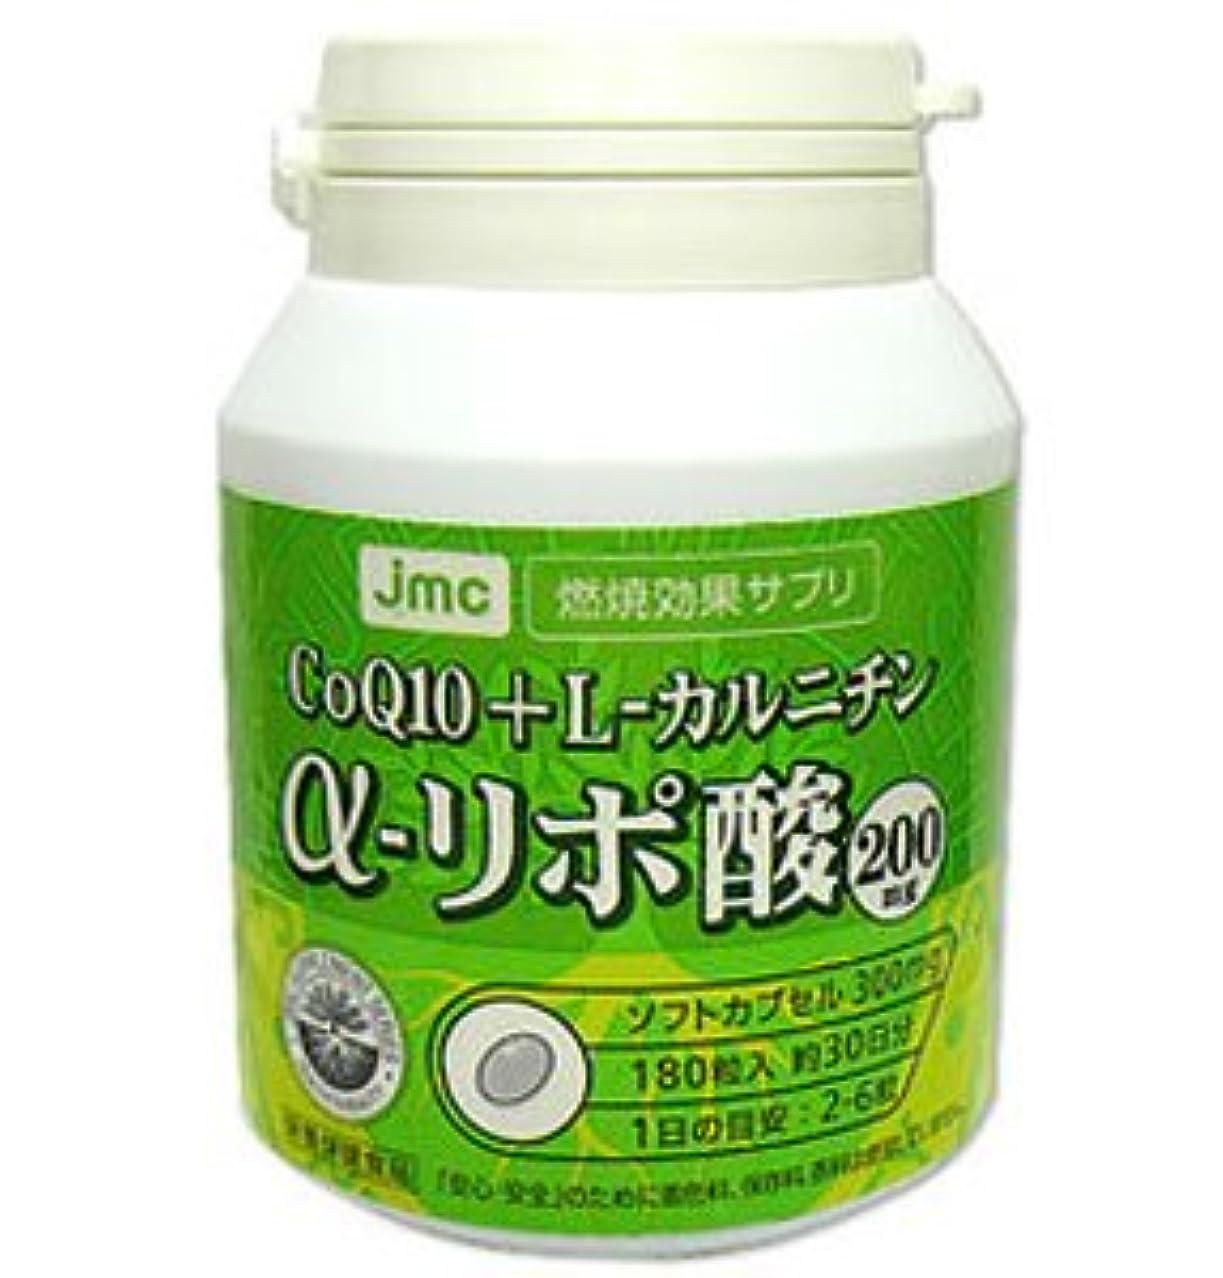 拡張先住民いらいらさせるα-リポ酸200mg(αリポ酸、COQ10、L-カルニチン、共役リノール酸配合ダイエットサプリ)